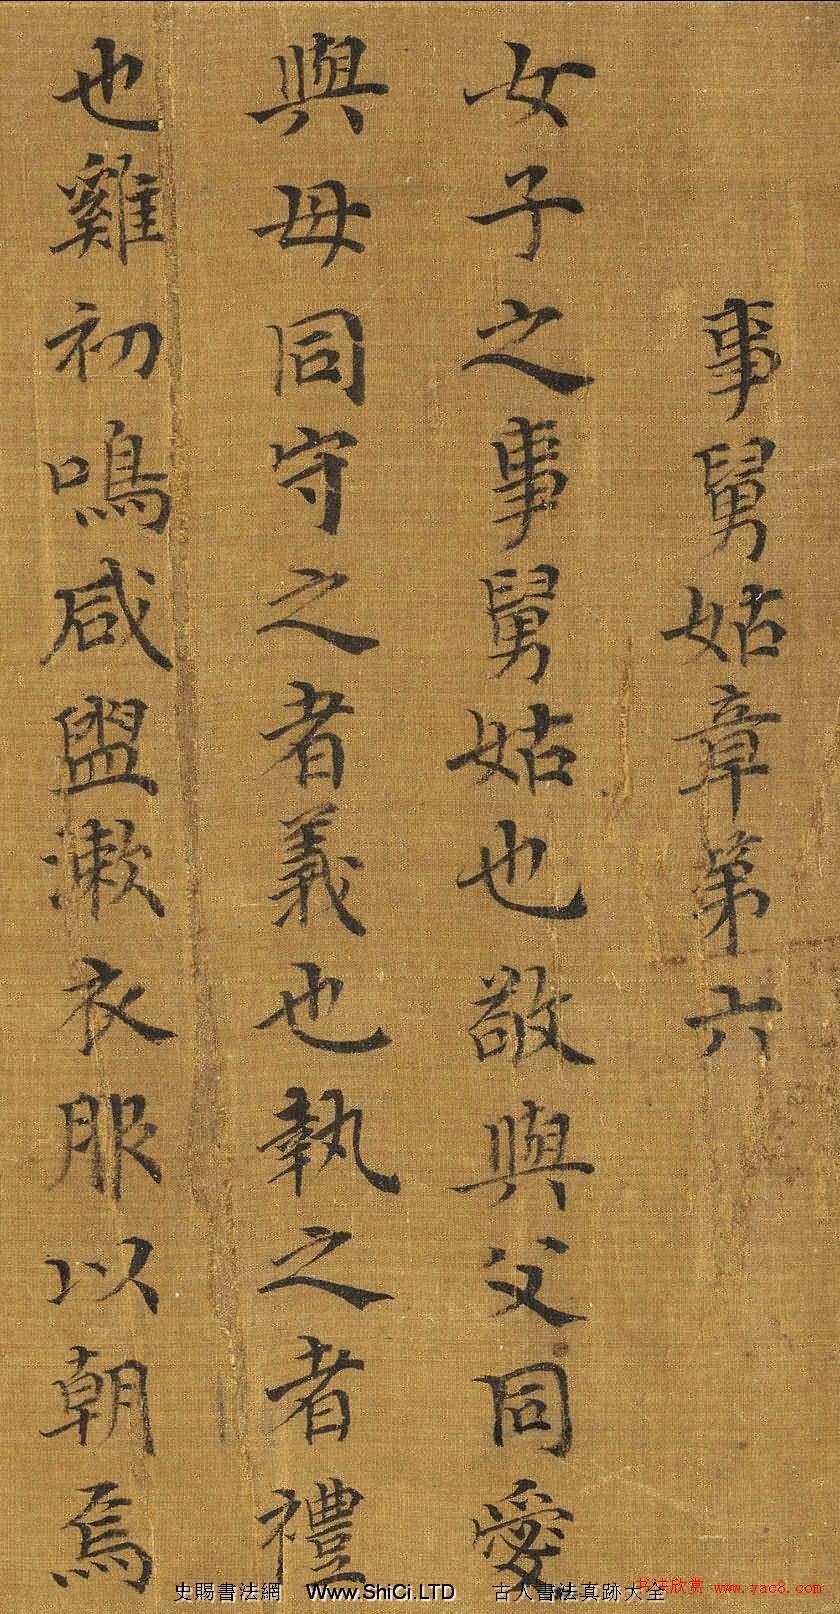 宋高宗楷書《女孝經》馬和之補圖絹本